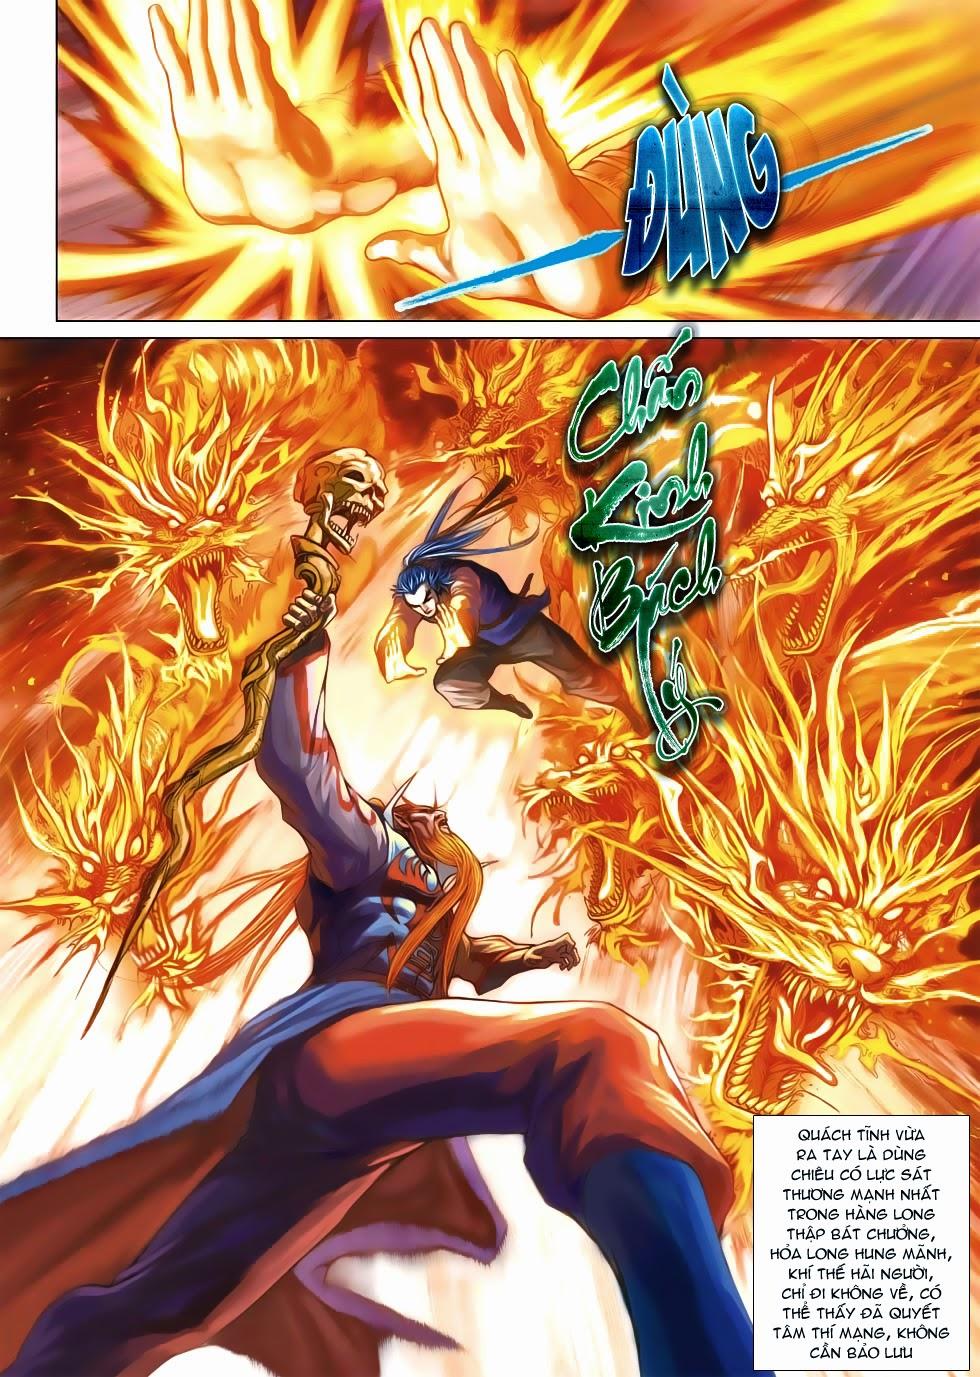 Anh Hùng Xạ Điêu anh hùng xạ đêu chap 53: lâm nguy thụ mệnh đả cẩu học pháp trang 23